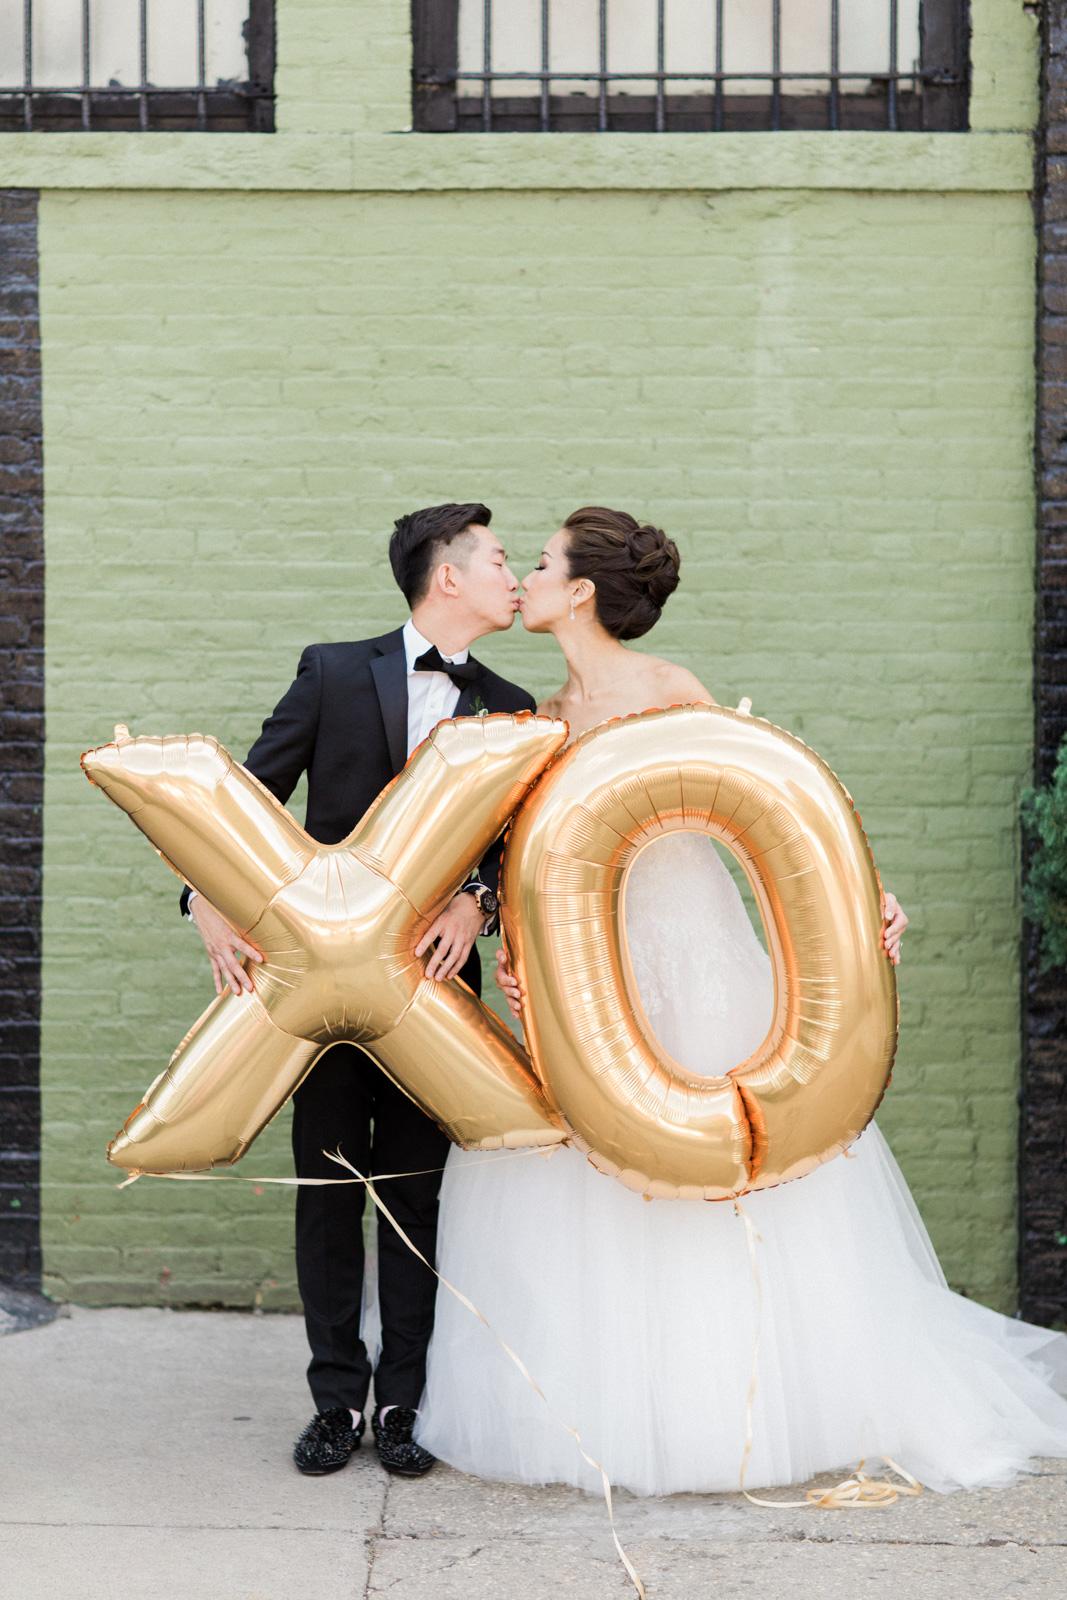 501union-wedding-brooklyn-NYC-0747.jpg